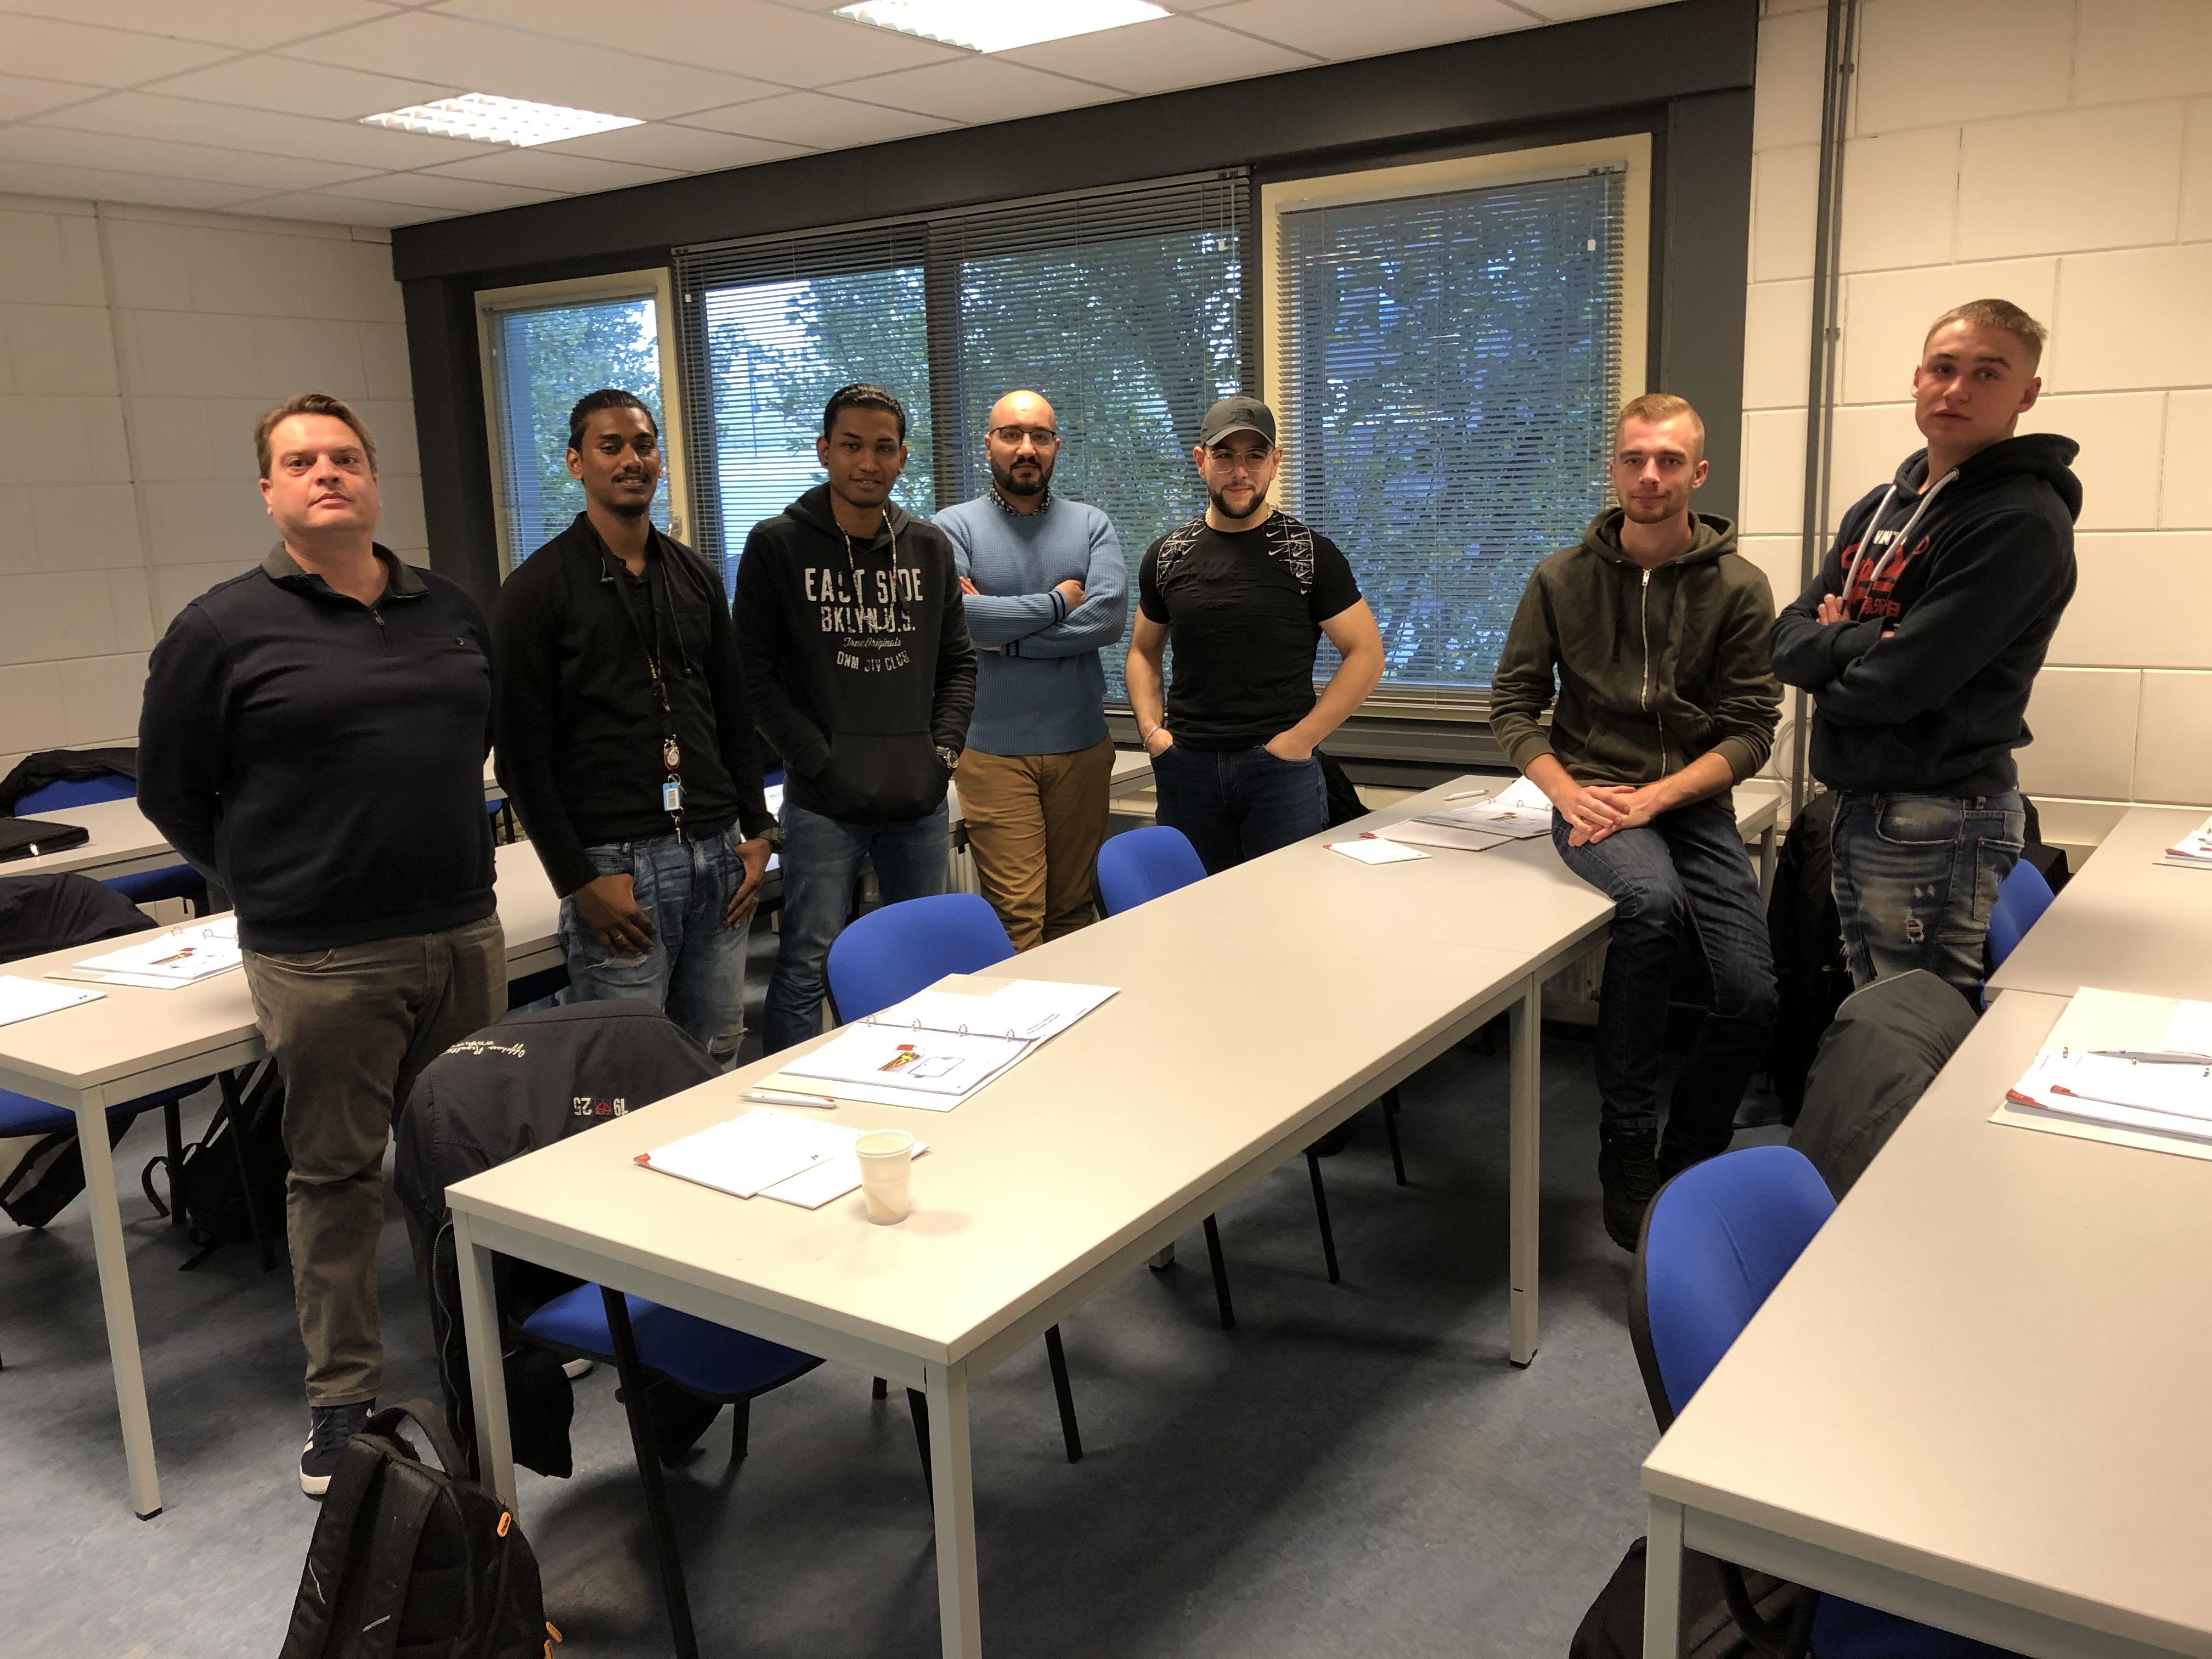 Zonnepanelenmonteur, opleiding Nova College en Manpower, gestart 1 november 2019